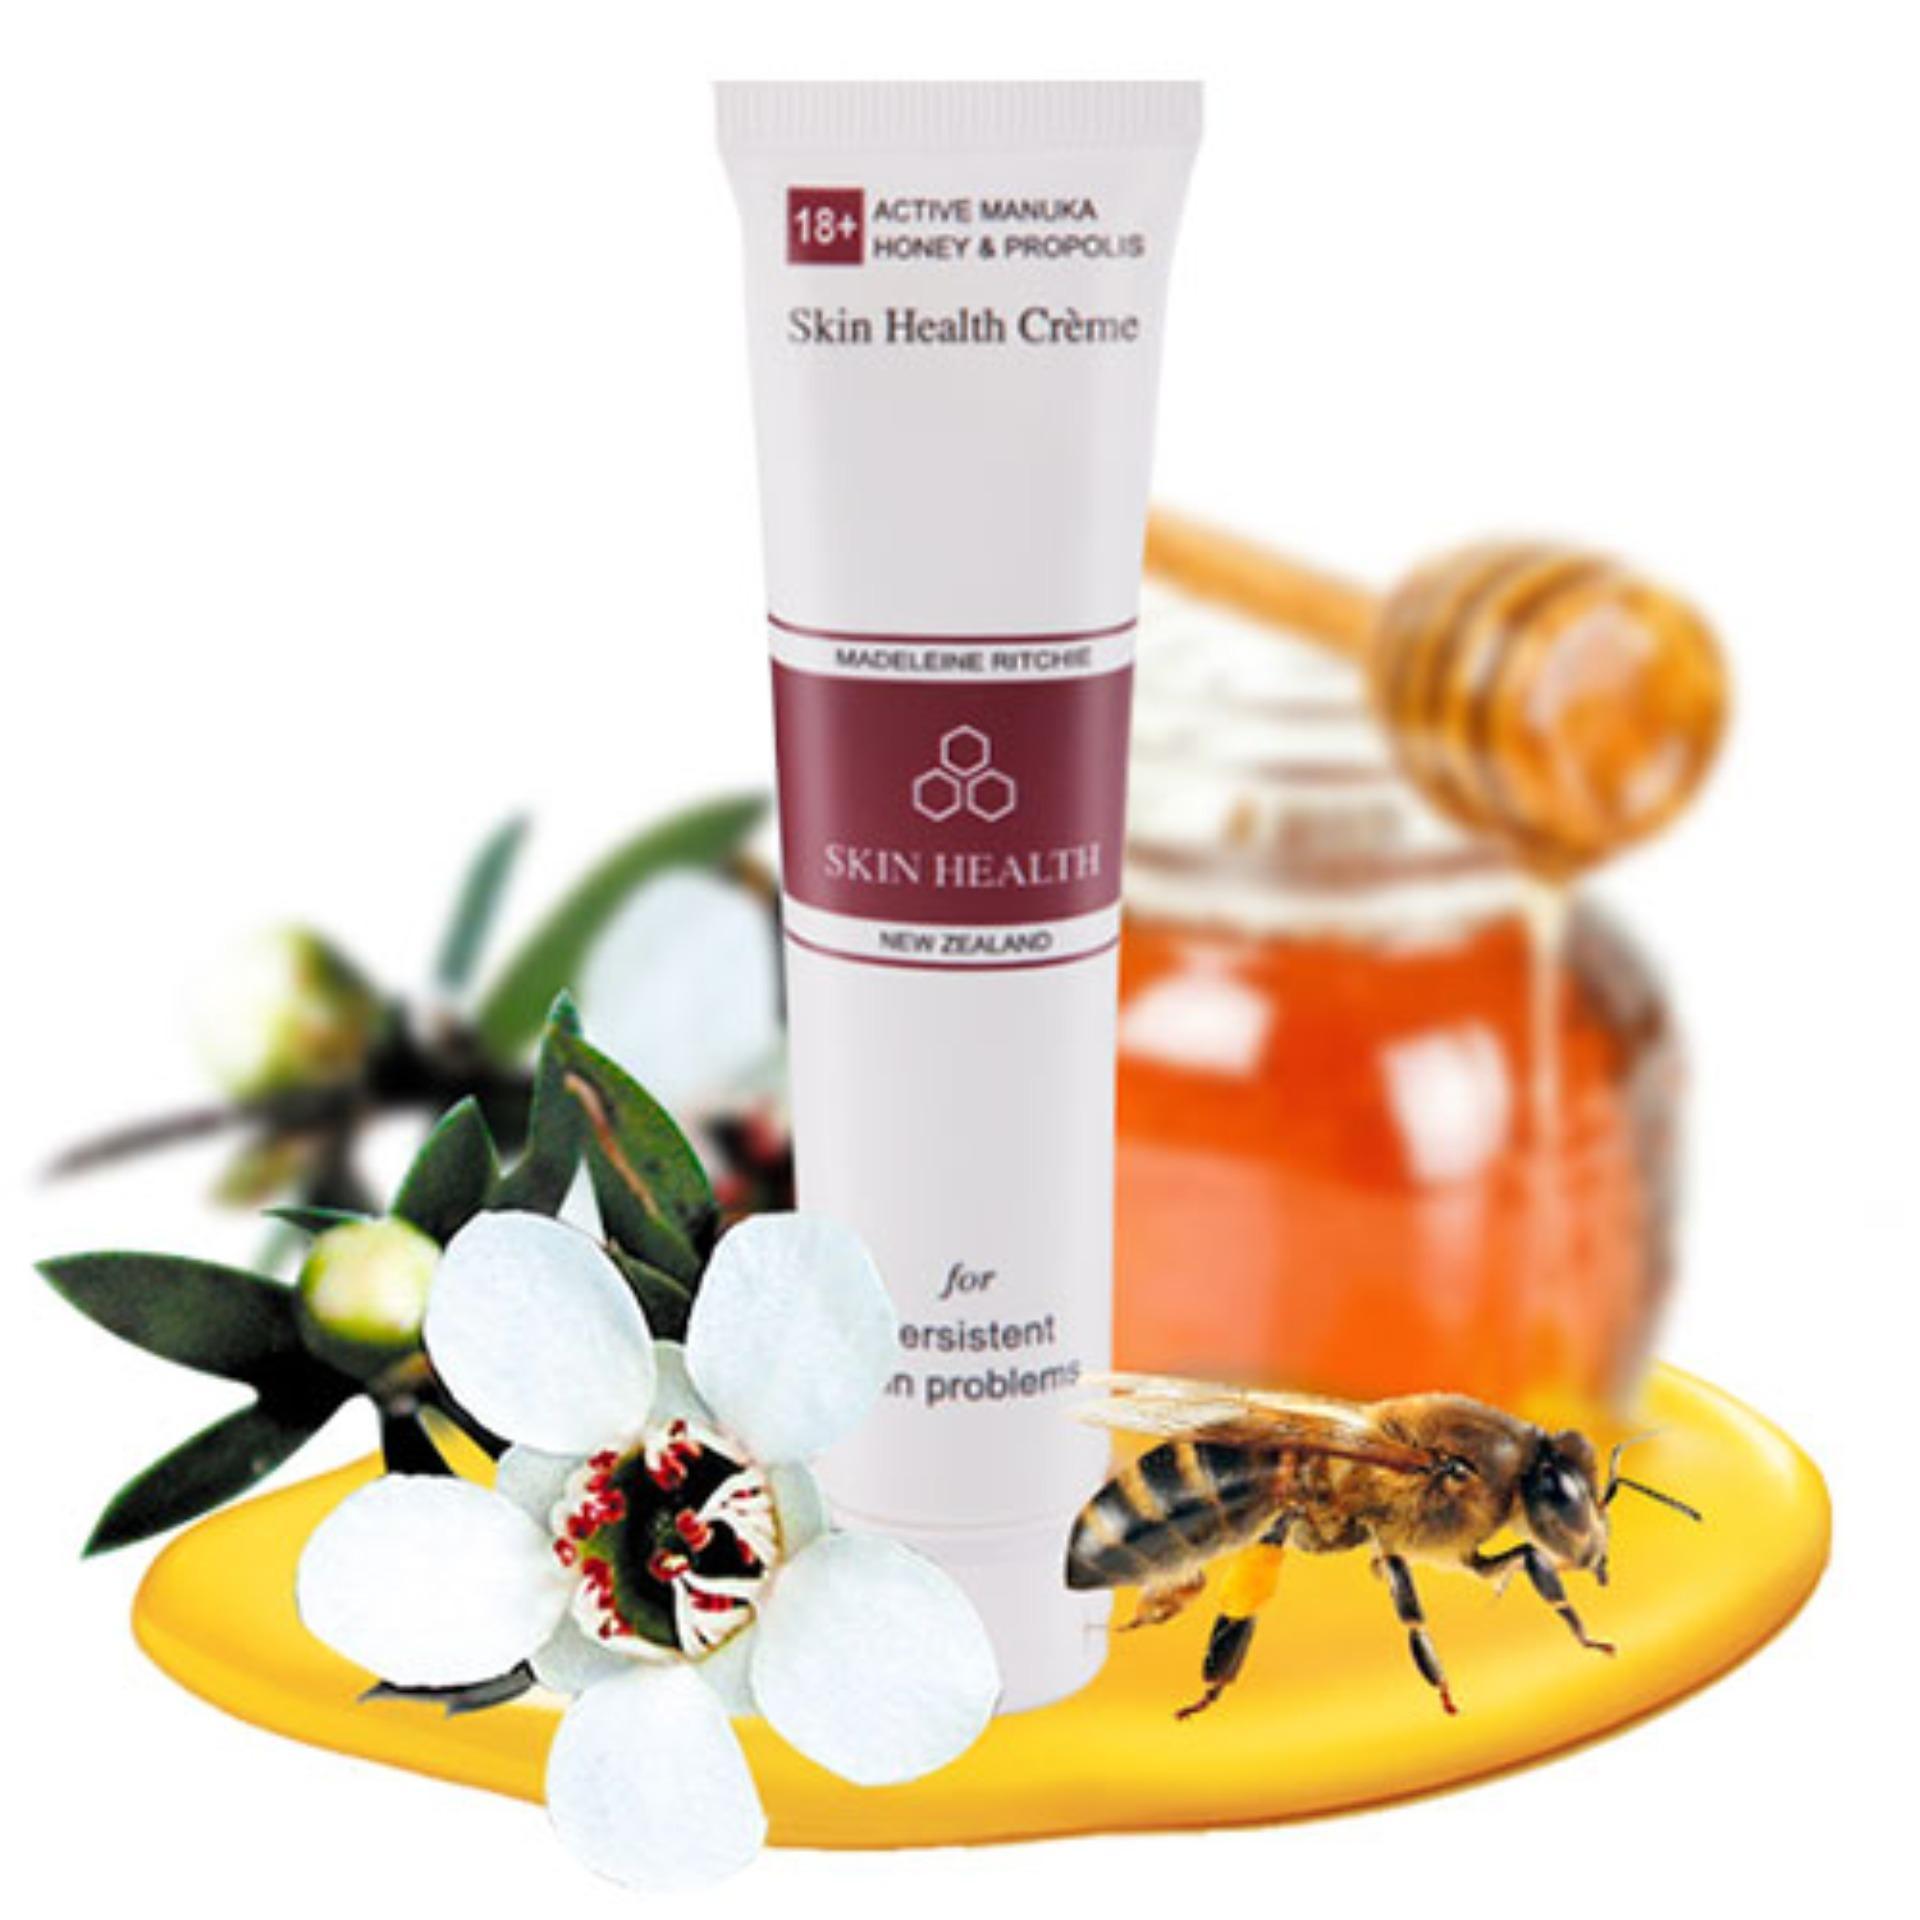 Kem mật ong Manuka 18+ tuýp 40ml hỗ trợ viêm da, chàm da, vẩy nến, nhạy cảm, khô, mụn, dị ứng